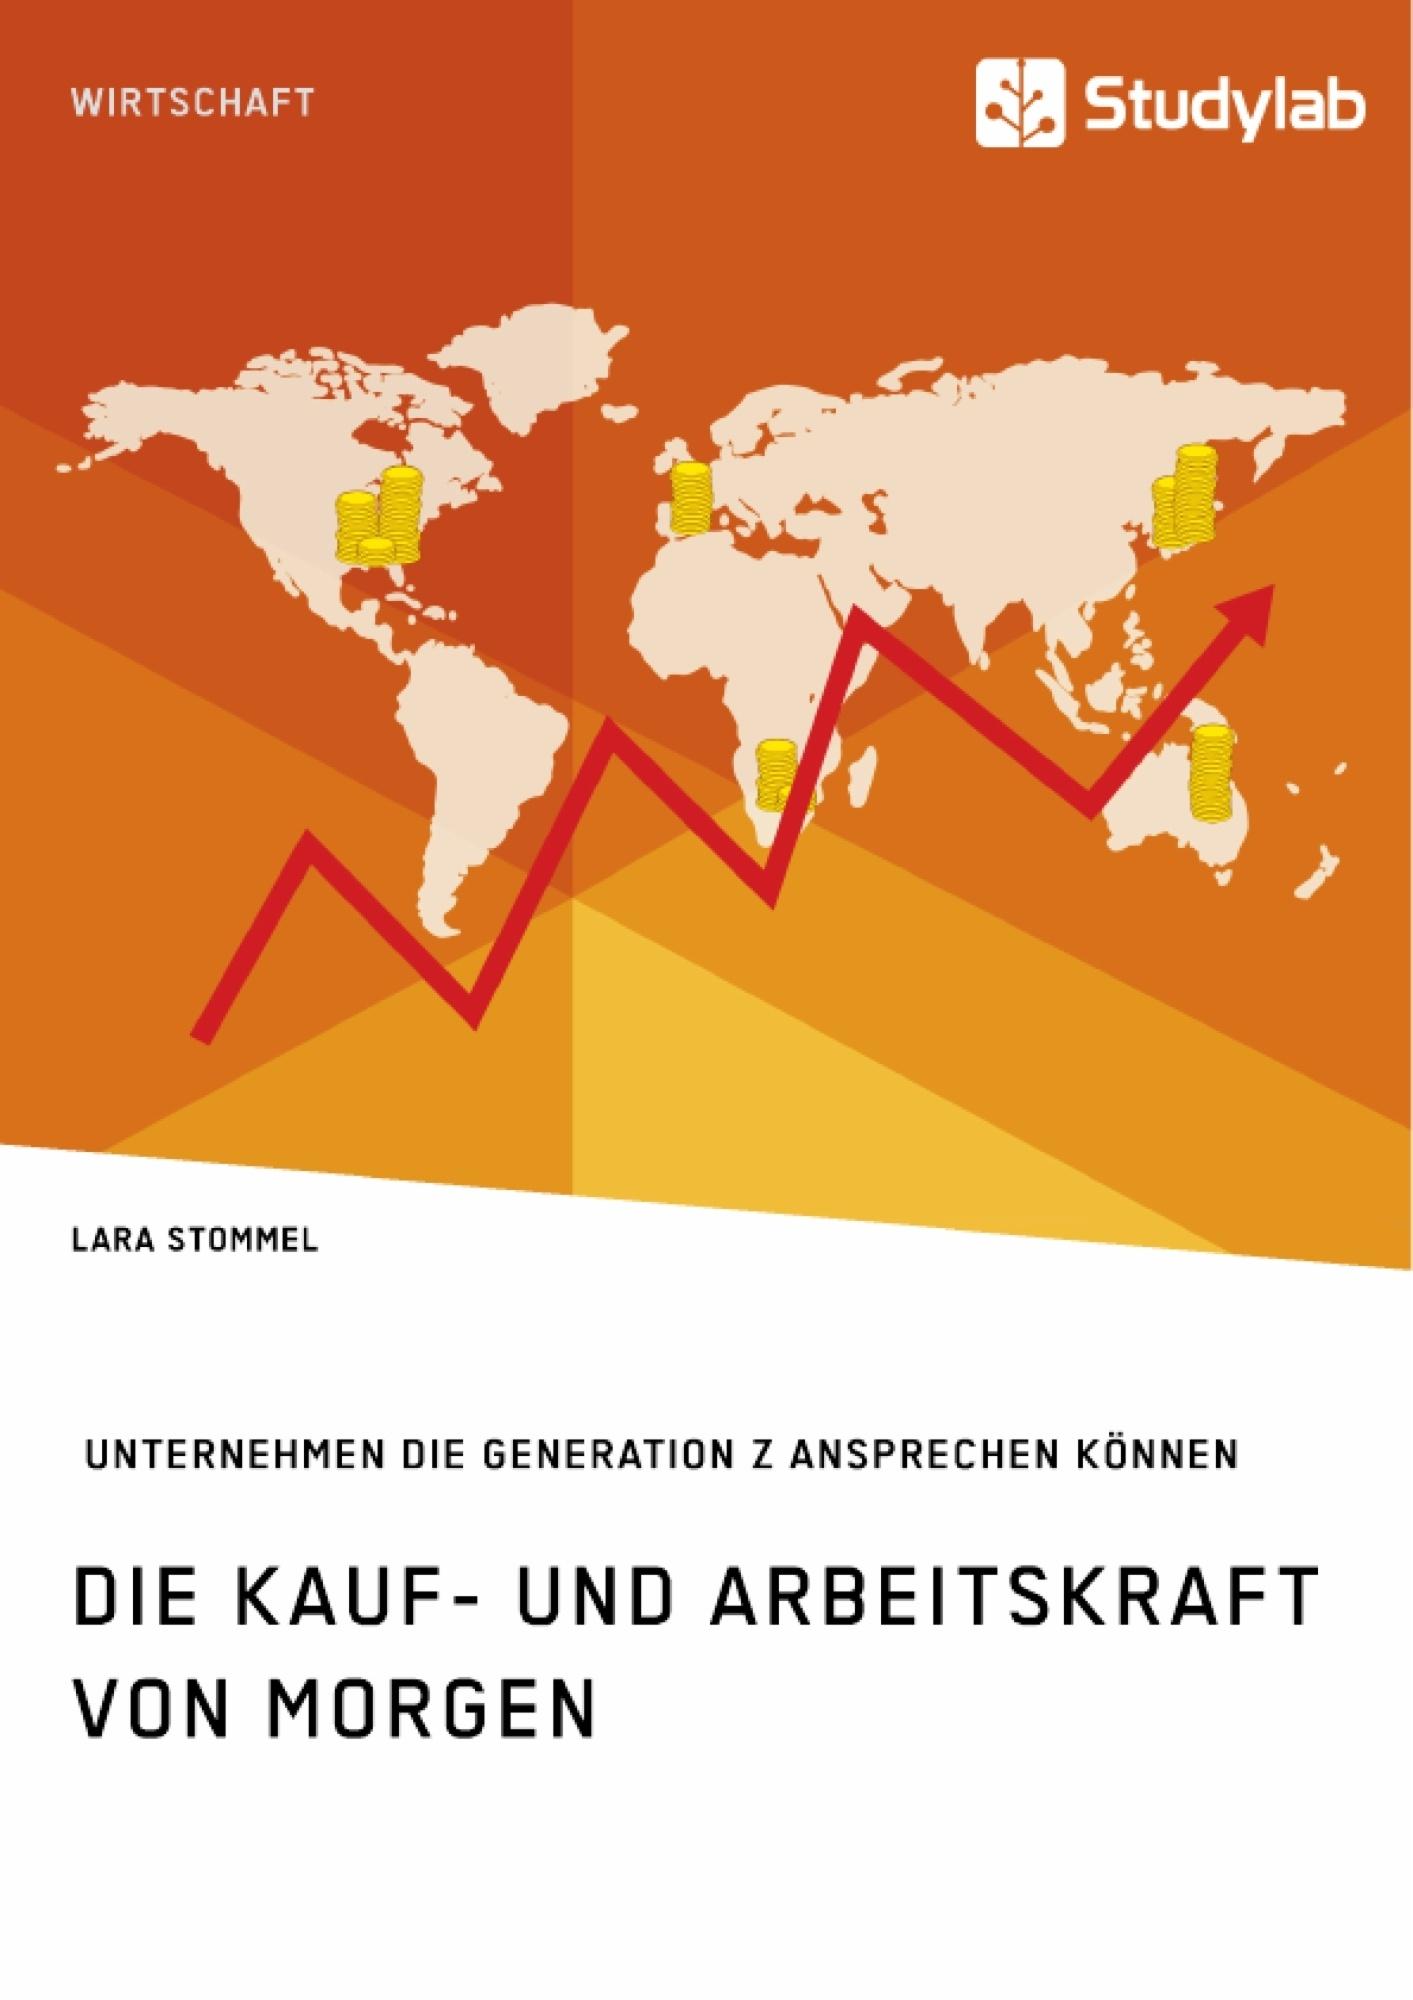 Titel: Die Kauf- und Arbeitskraft von morgen. Wie Unternehmen die Generation Z ansprechen können